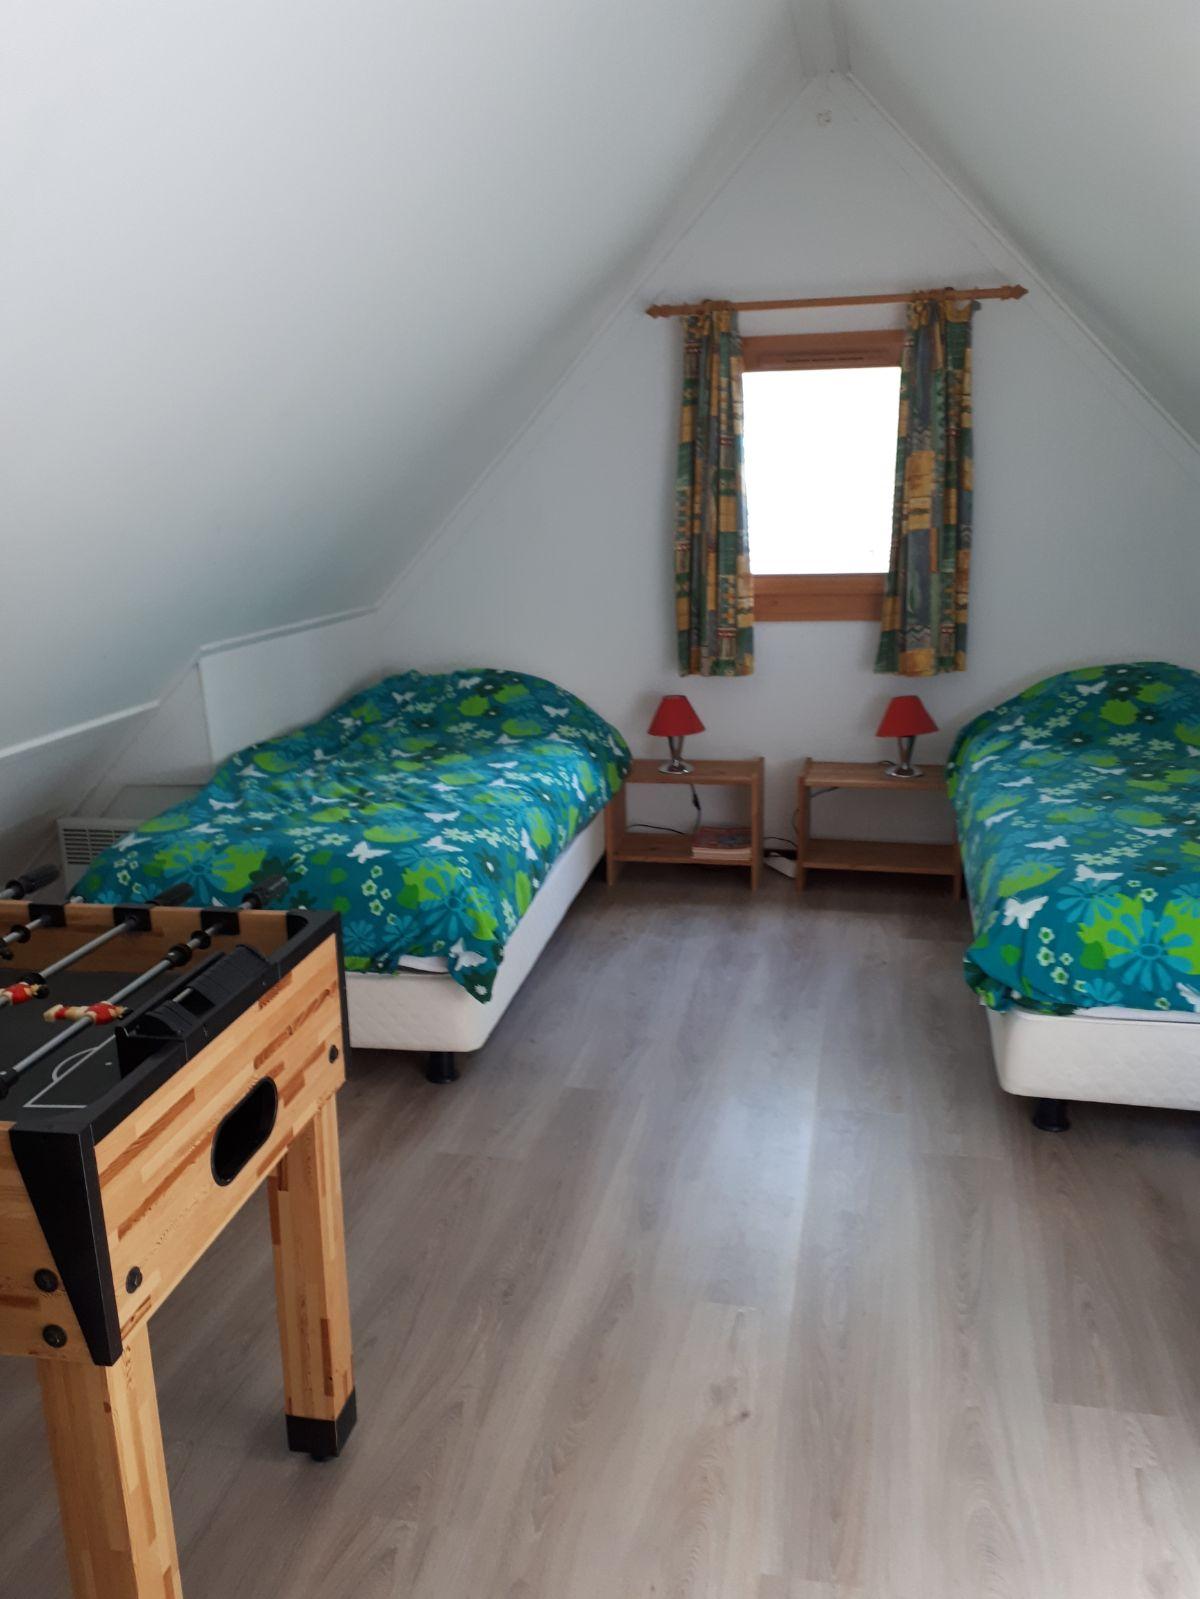 Slaapkamer boven nieuw kopie